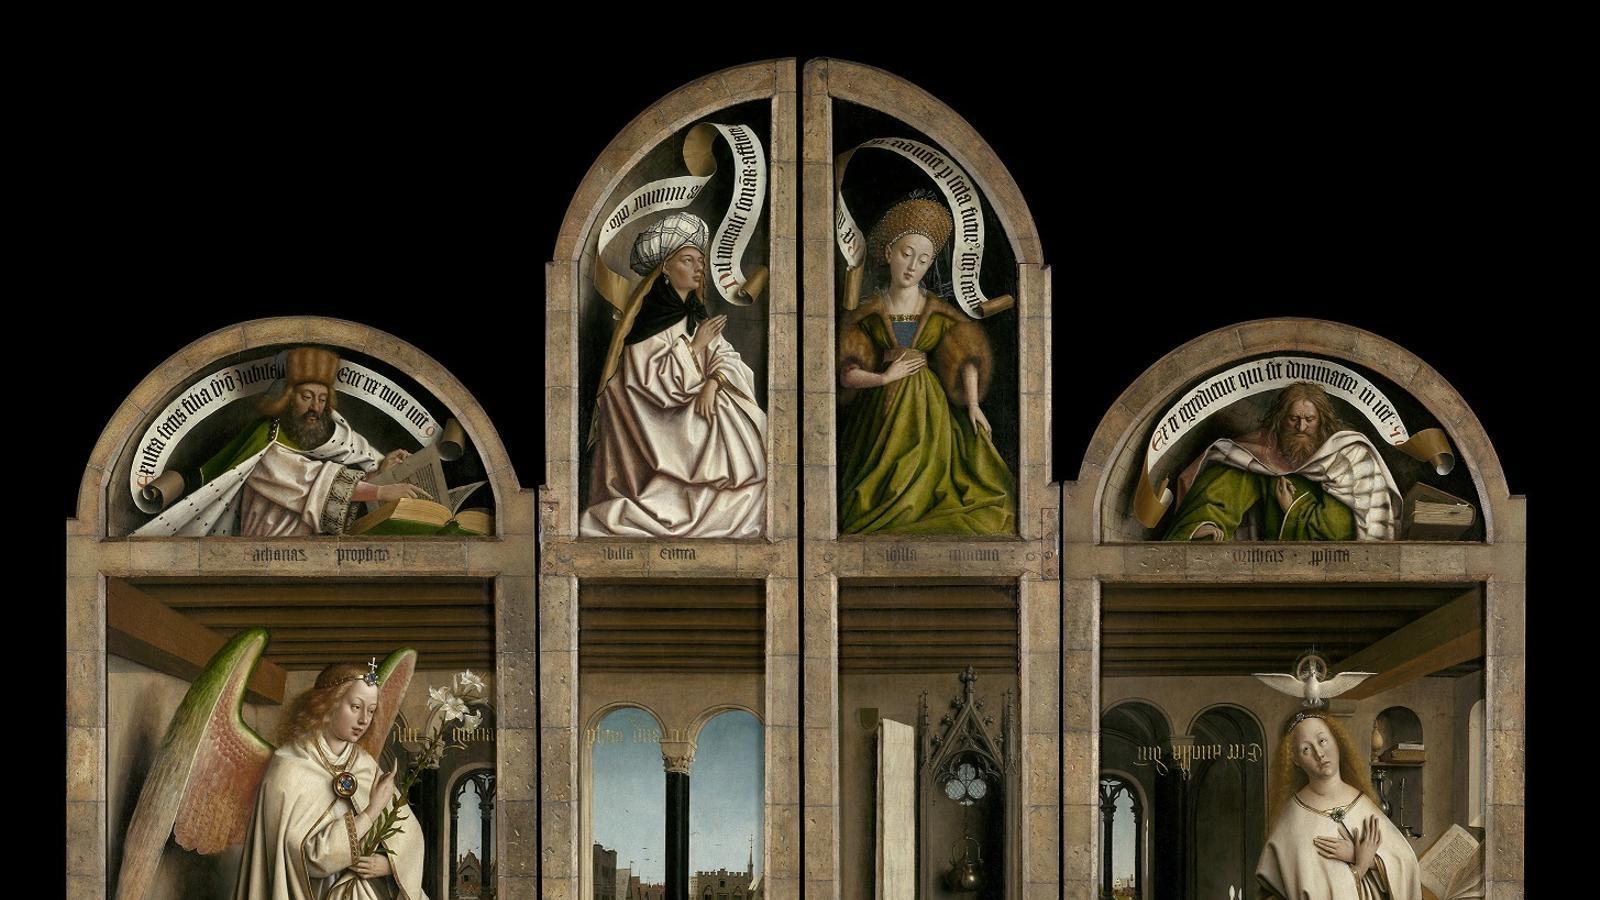 Panells exteriors de l''Adoració de l'anyell místic' amb les portes tancades, de Jan i Hubert van Eyck